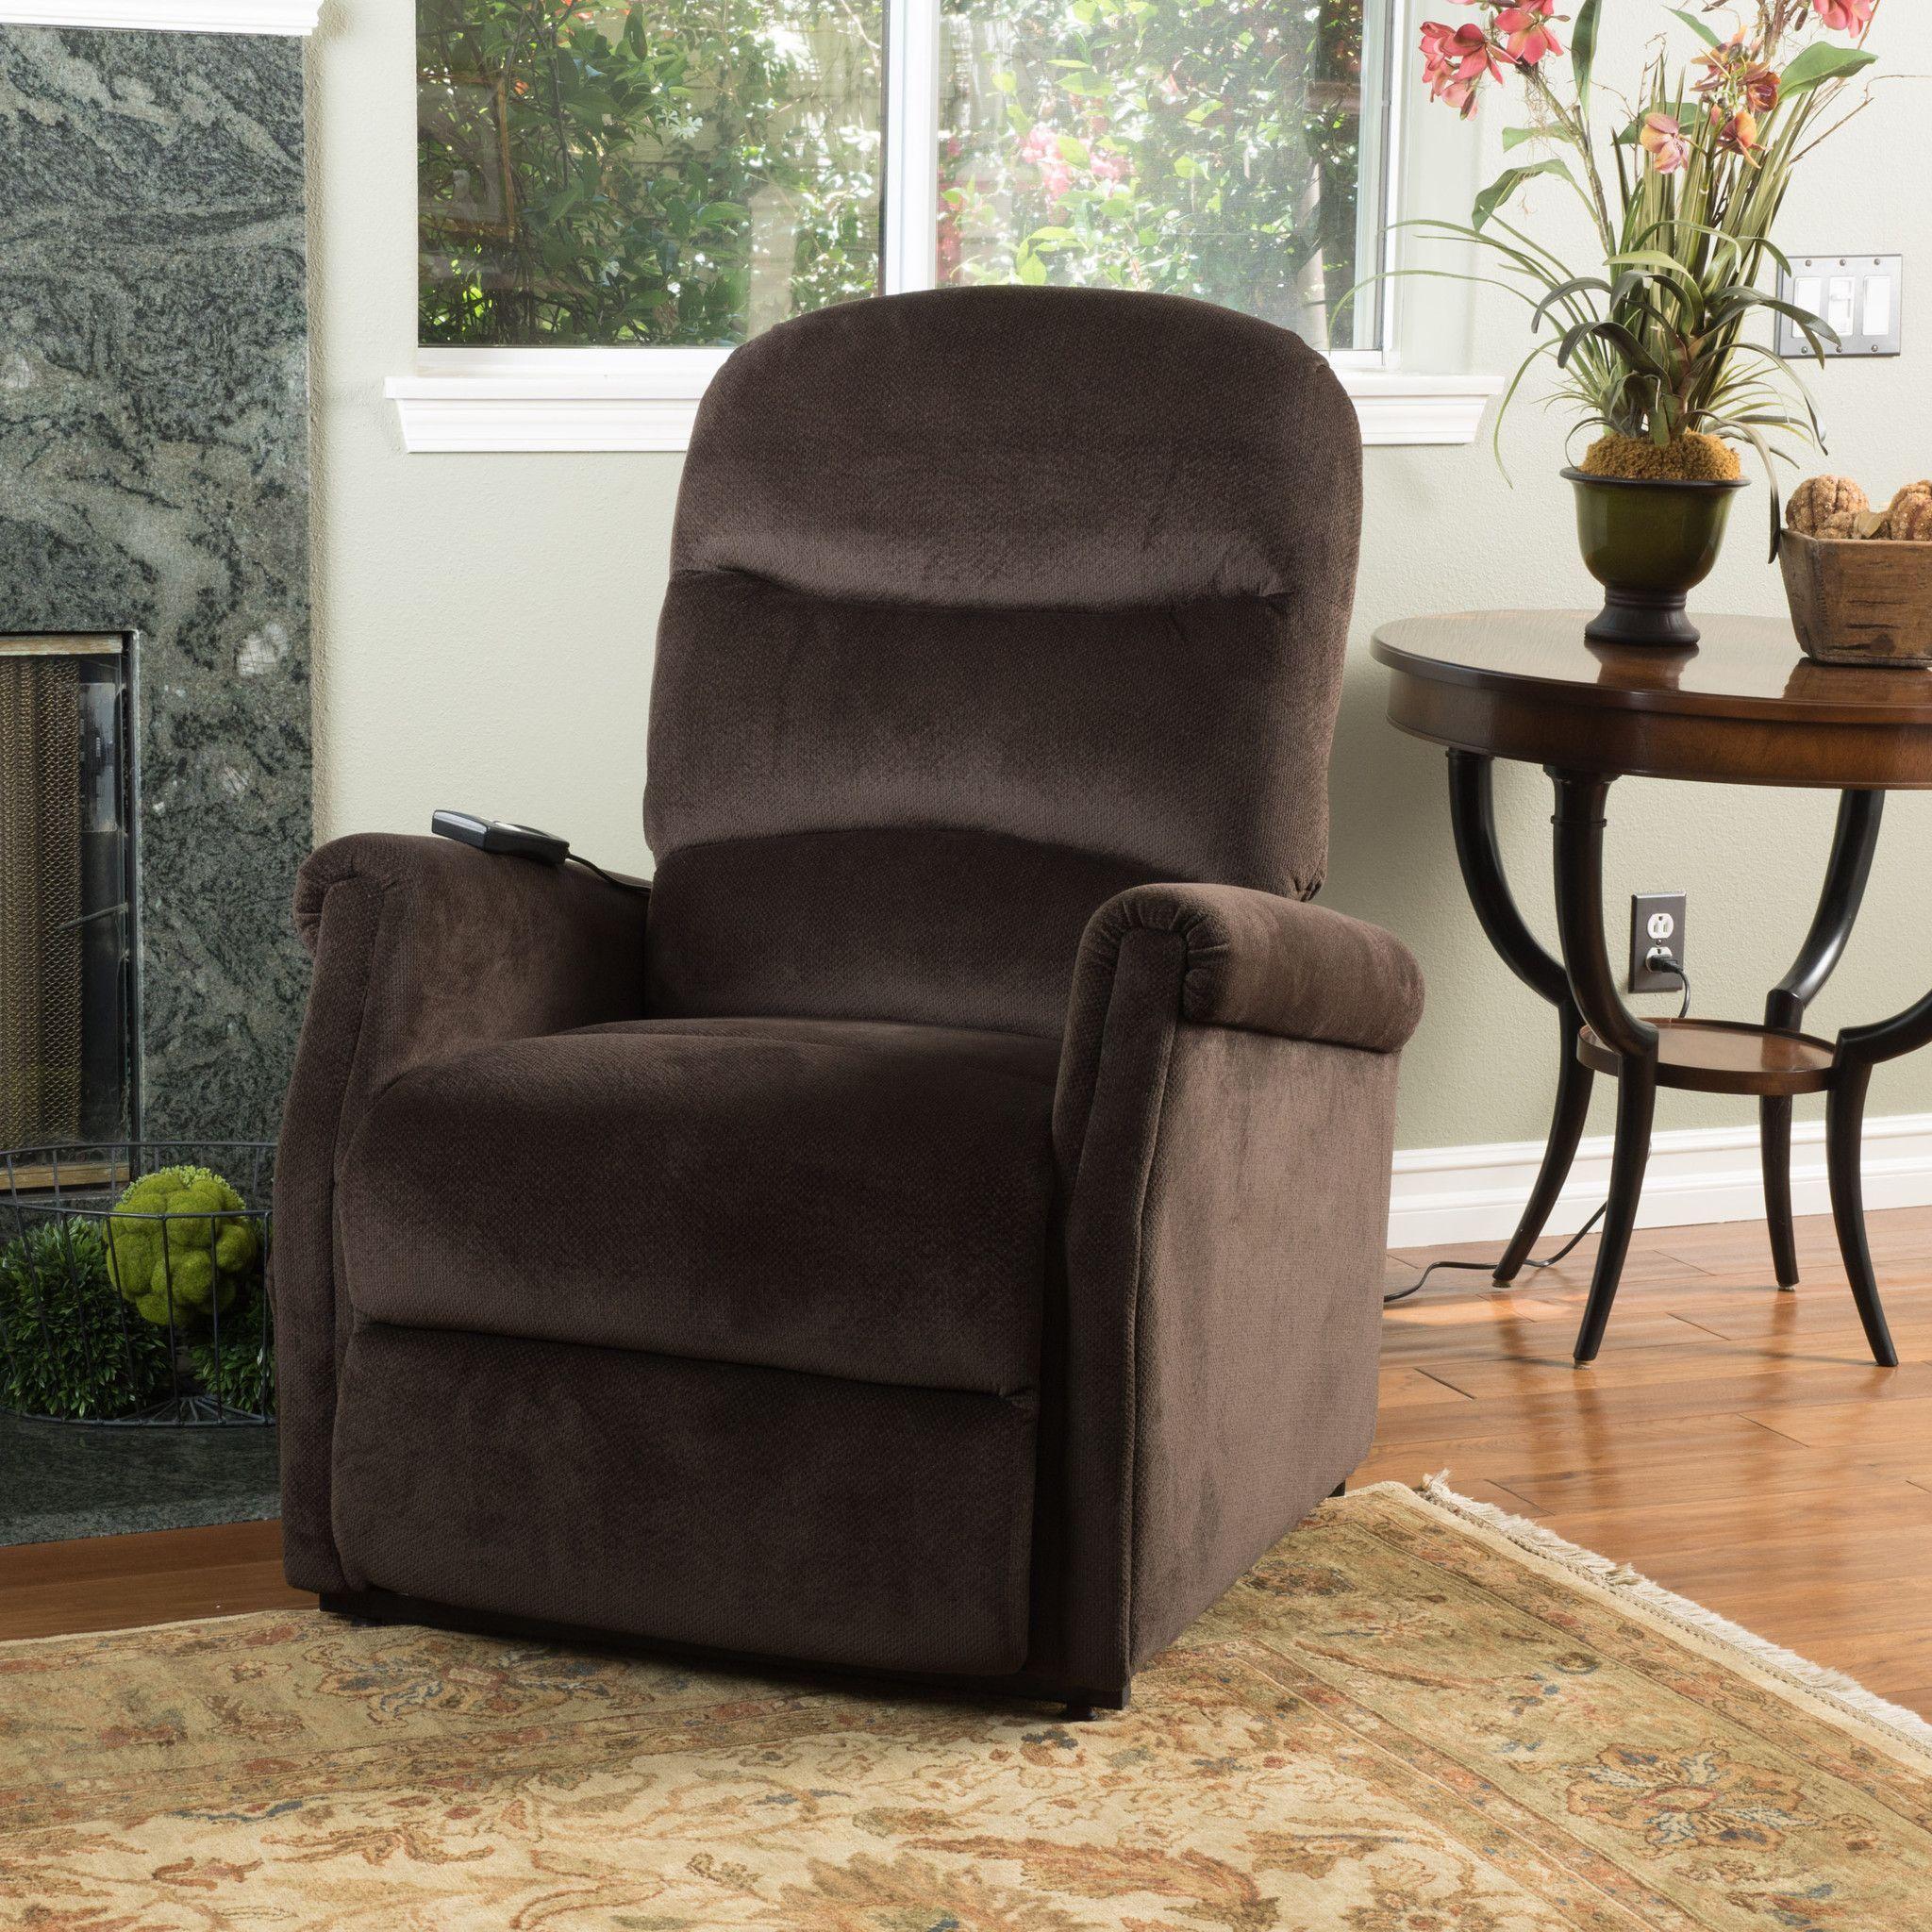 Alan Fabric Lift Up Recliner Chair